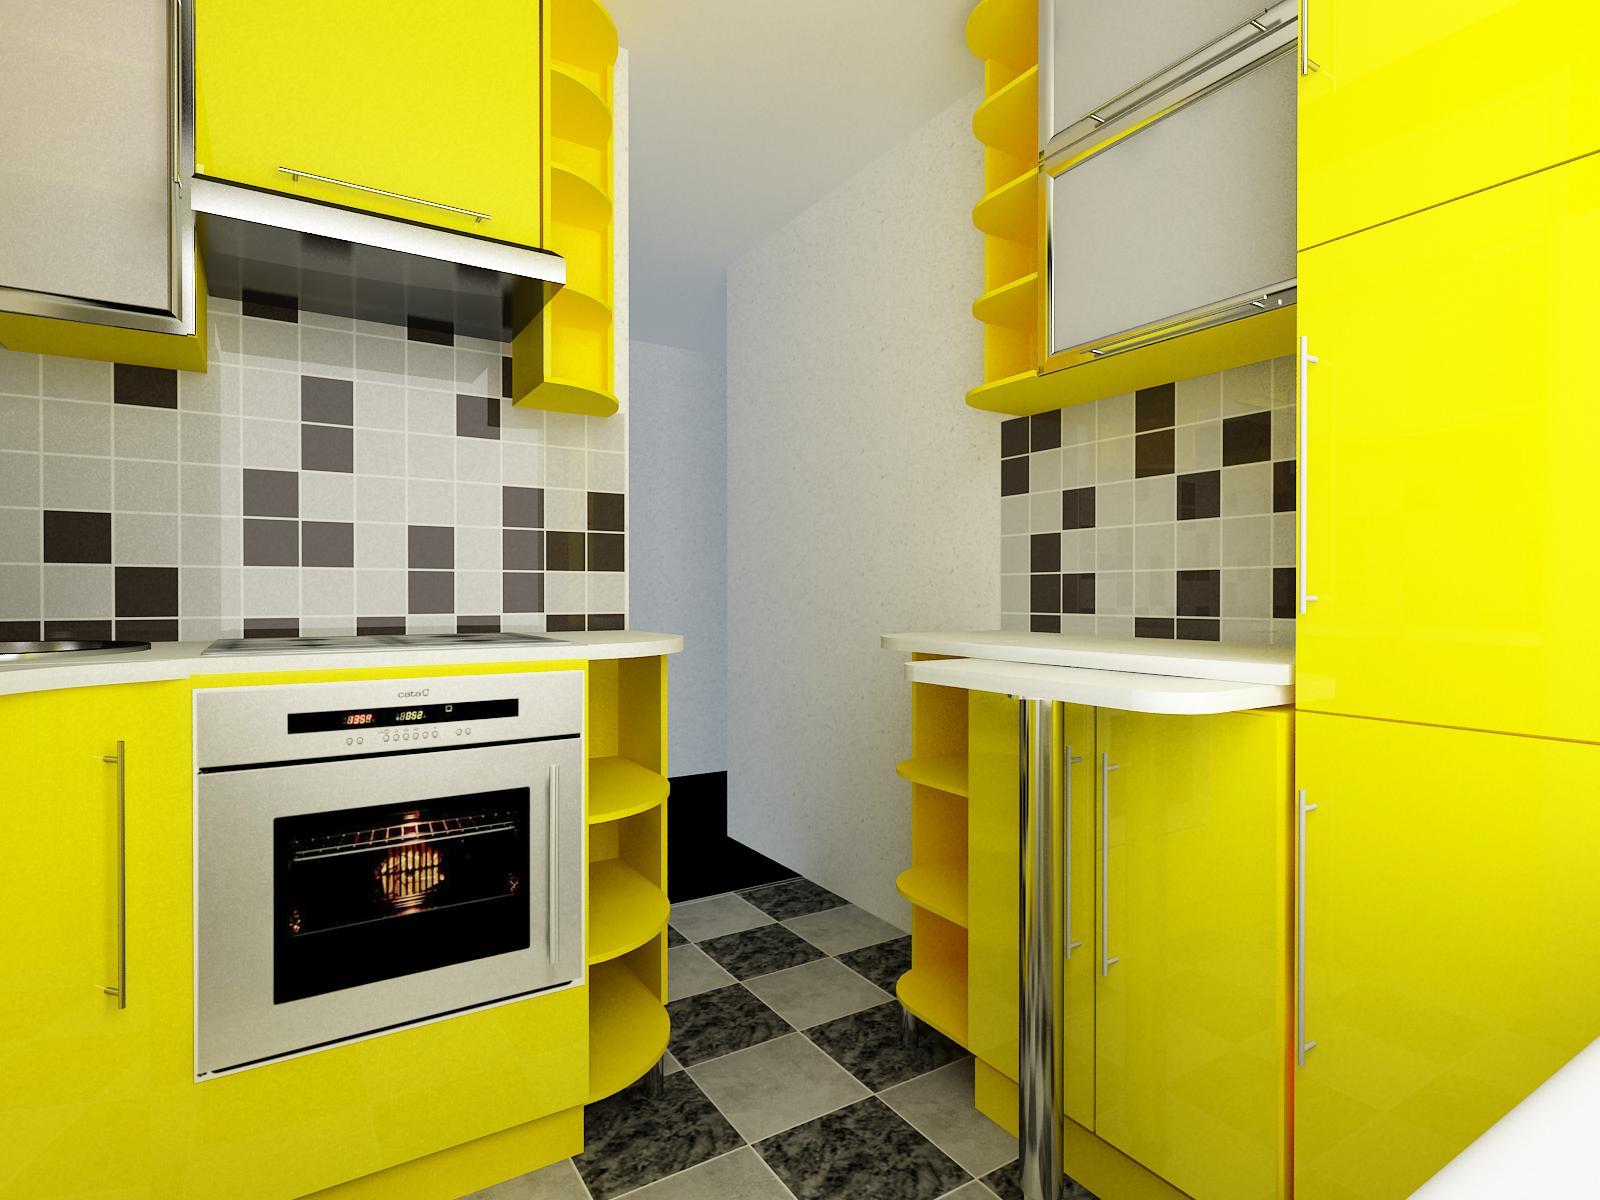 Маленькая кухня в желтом цвете